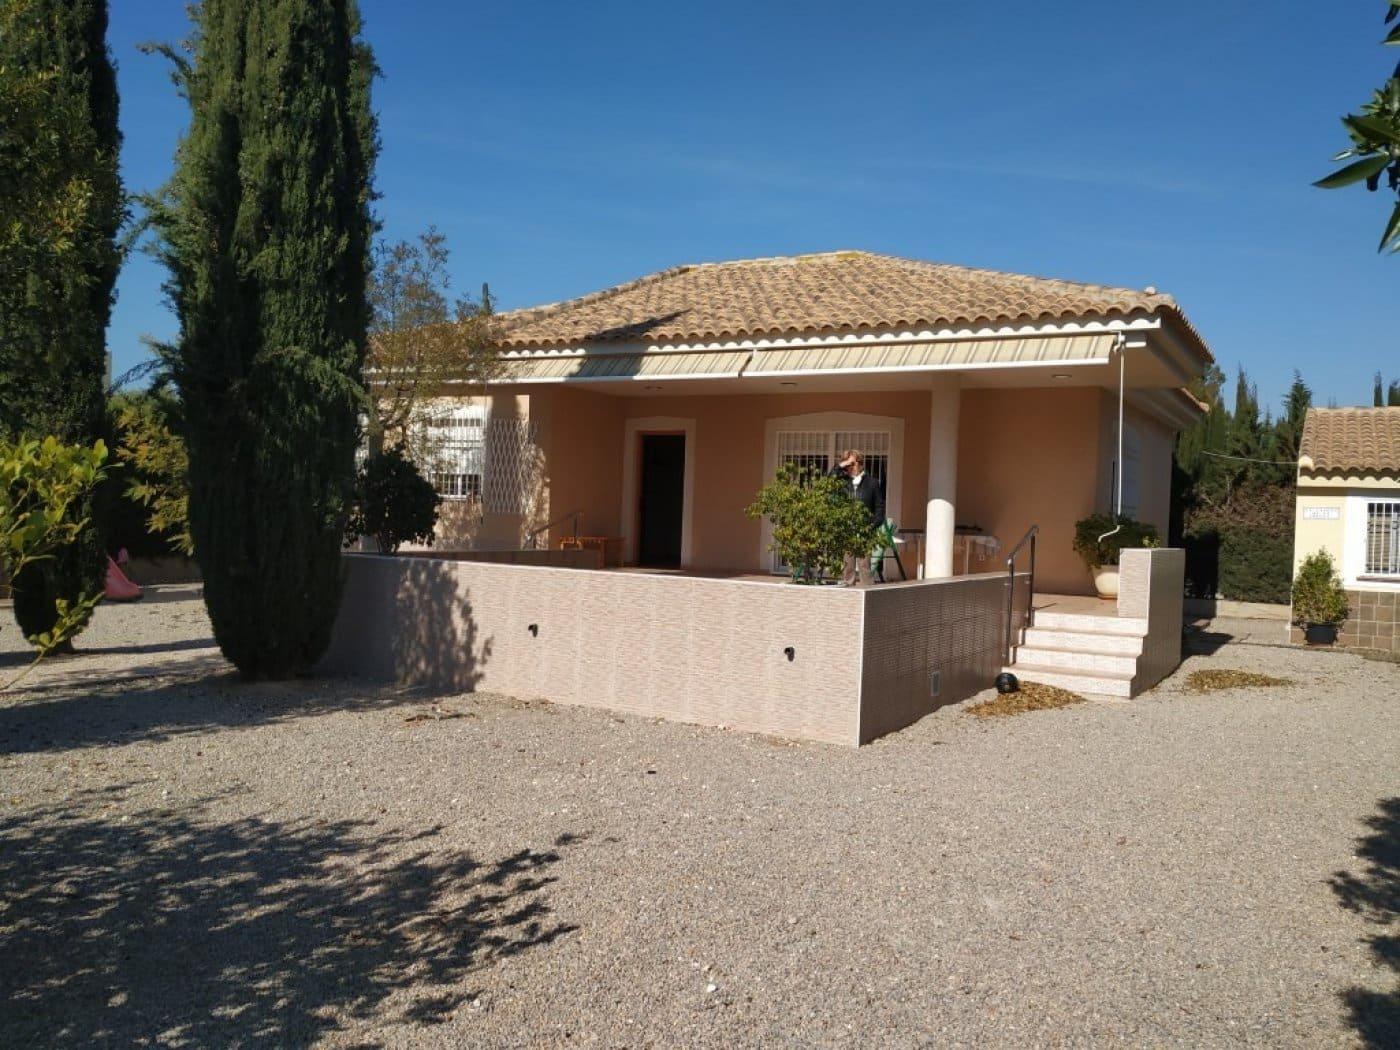 3 chambre Finca/Maison de Campagne à vendre à La Matanza - 152 000 € (Ref: 4519514)